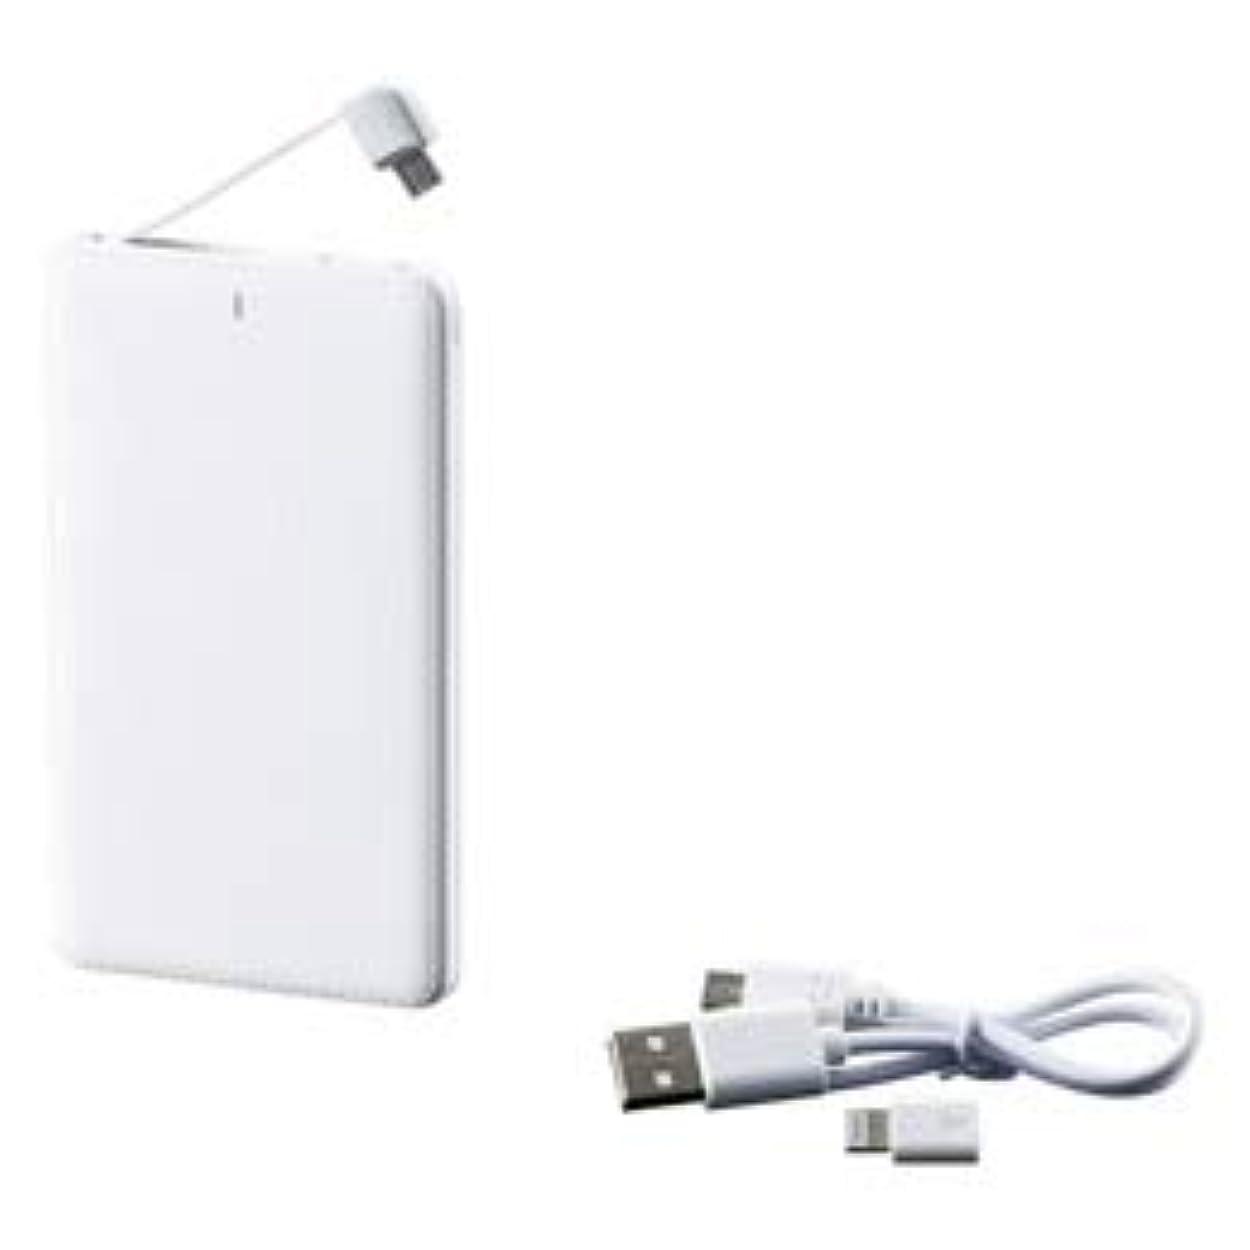 不快なカブ下る【まとめ 3セット】 モバイルバッテリー(5000mAh) M80212824